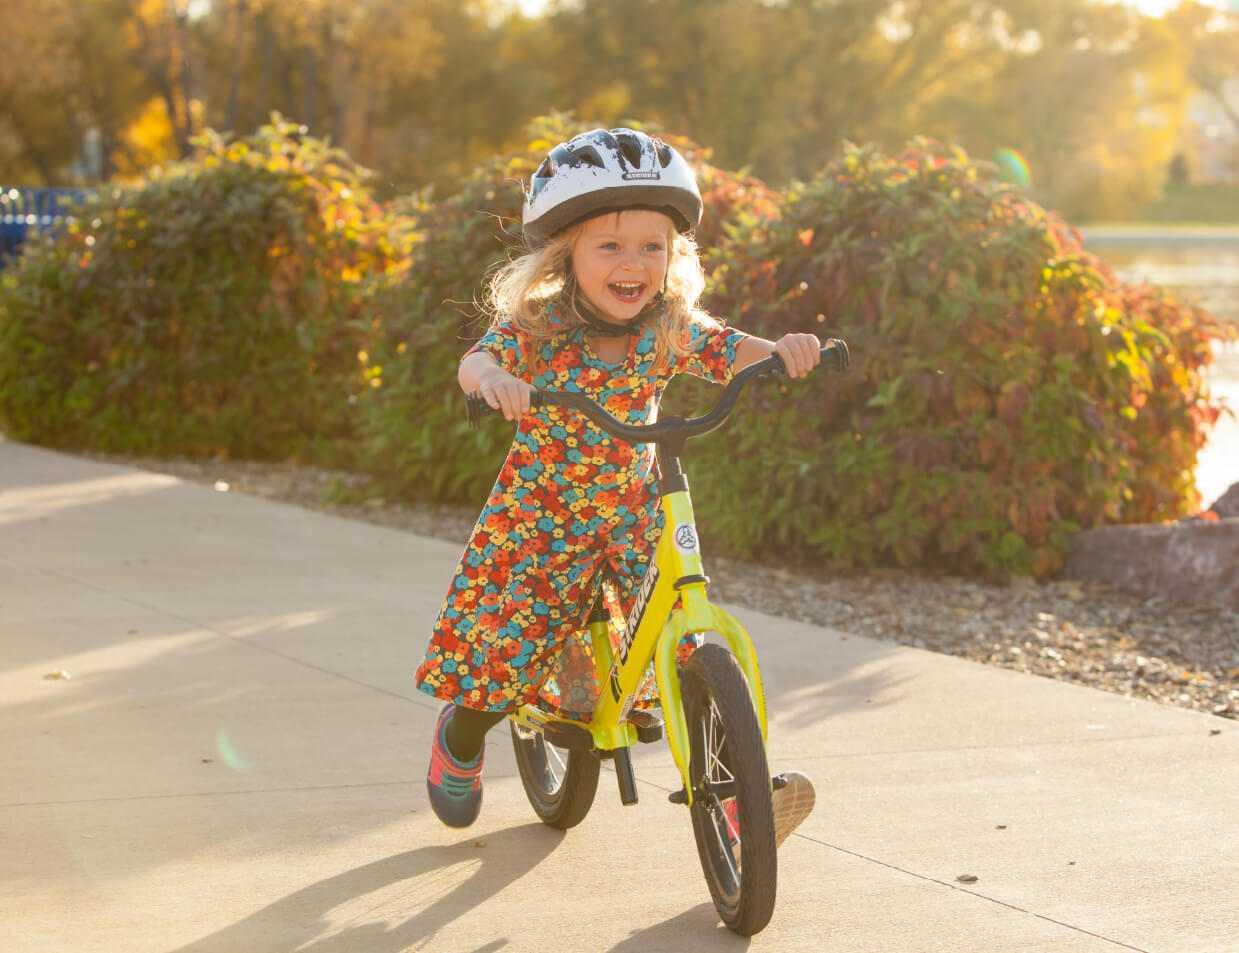 montar-en-bici-nino-pequeno-aprender-como